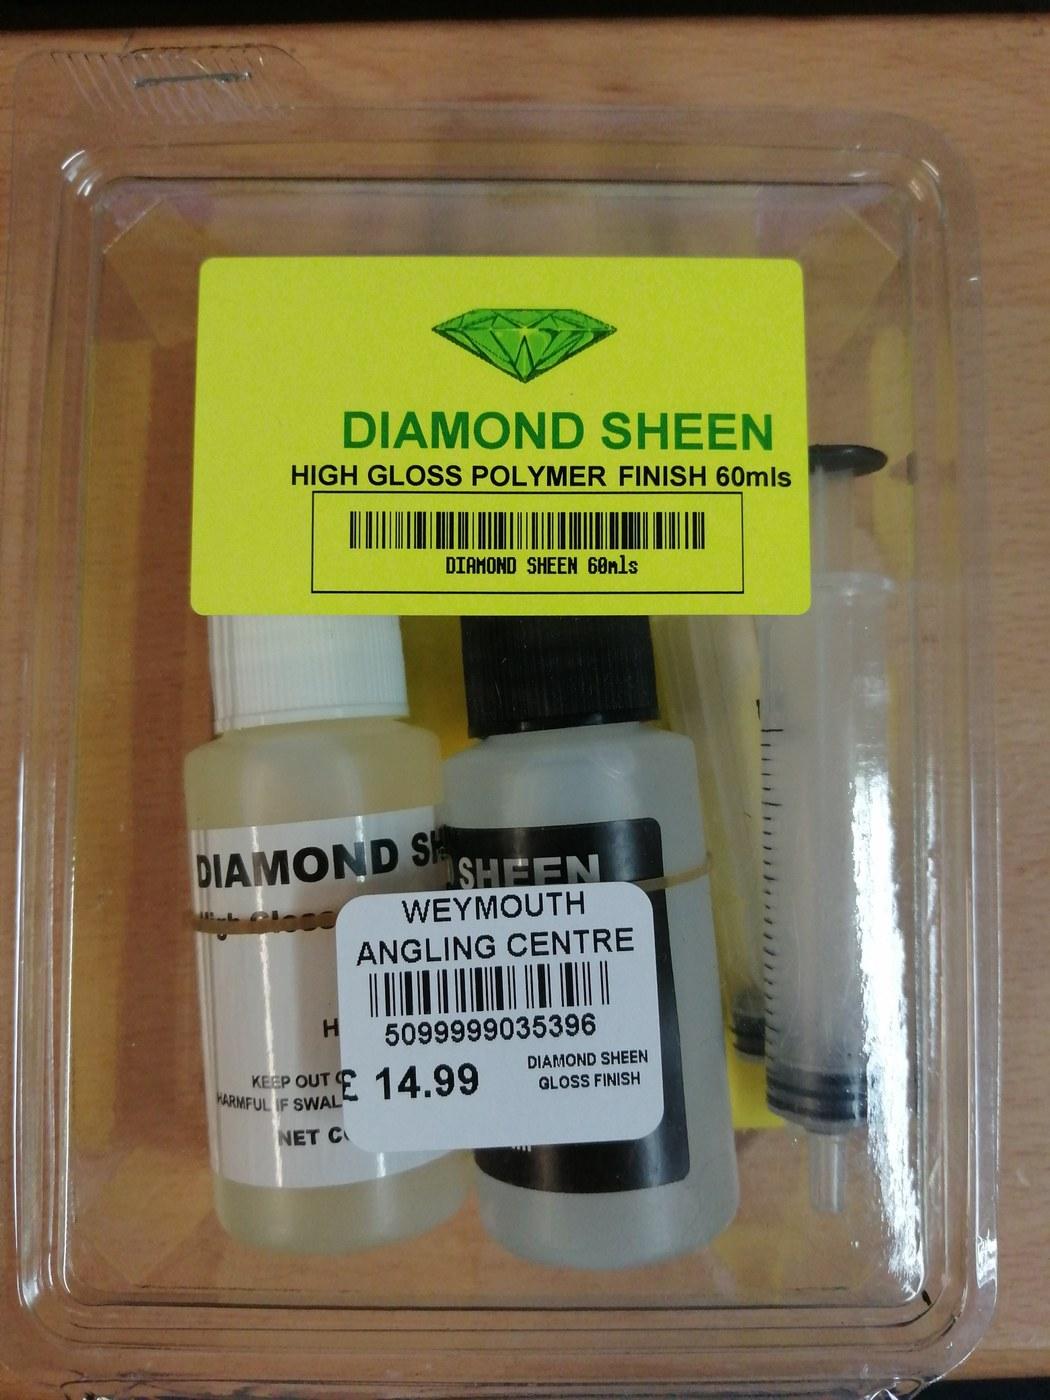 Diamond Sheen High Gloss Rod Kit